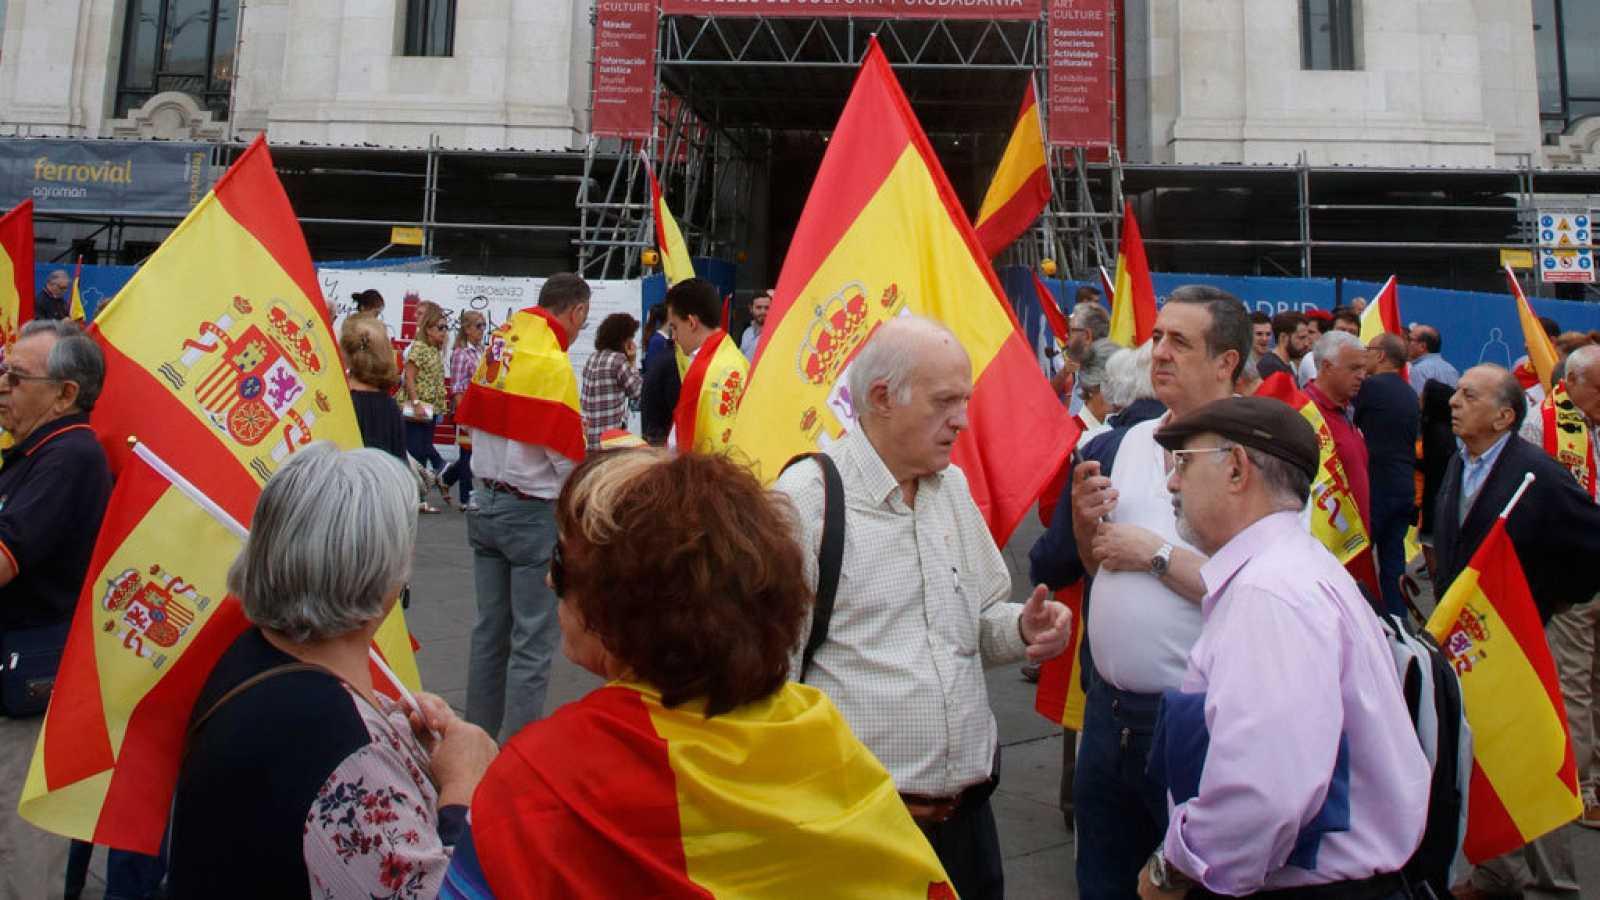 Referéndum en Cataluña: Manifestaciones frente a los ayuntamientos contra el 1-O